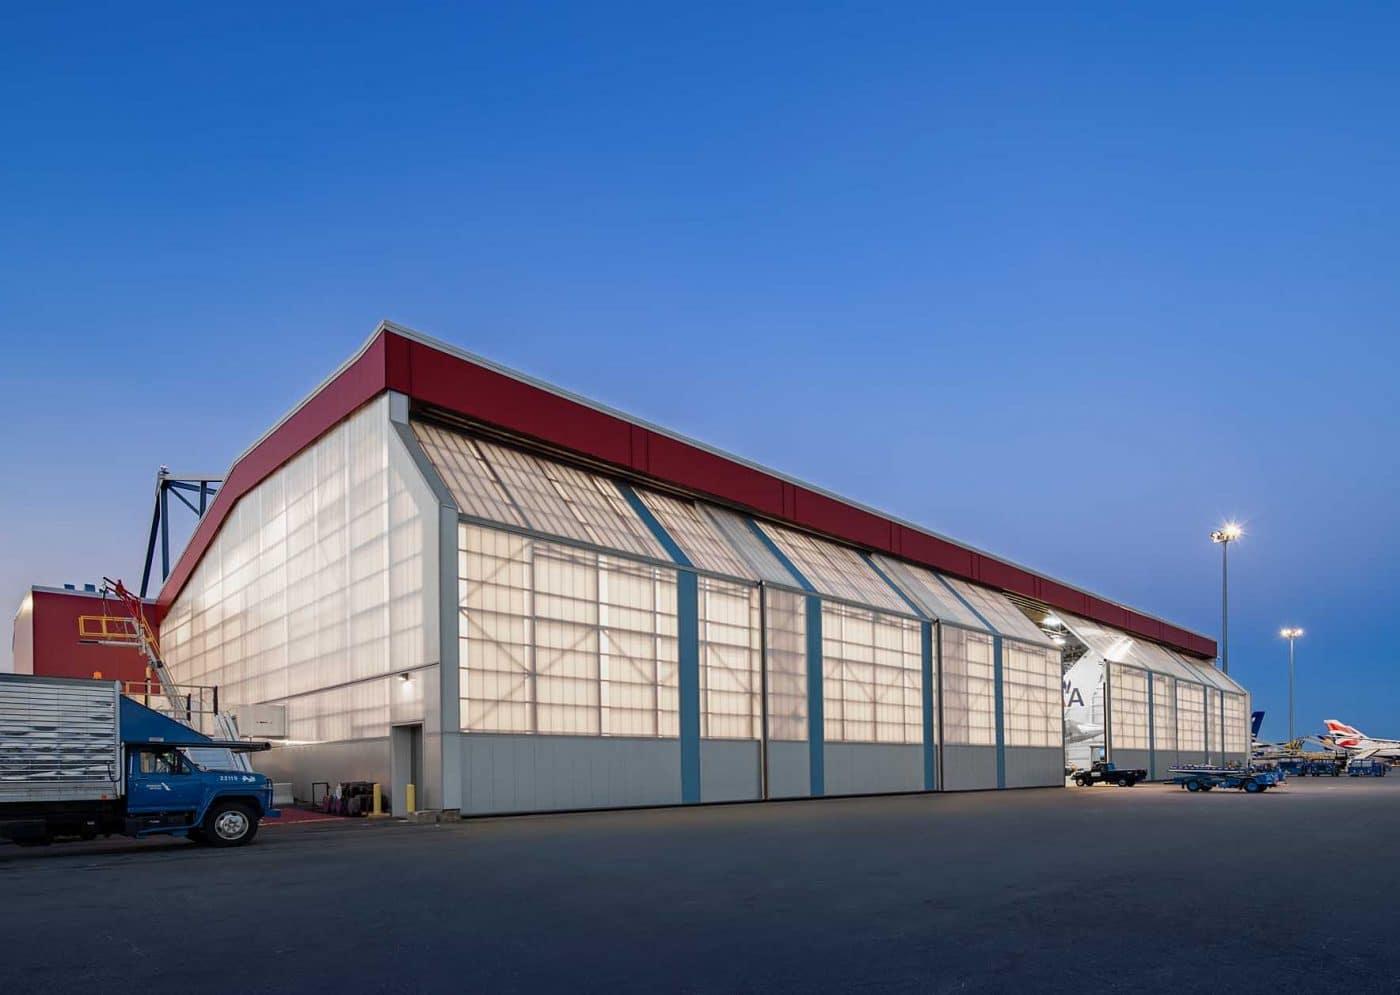 công trình lấy sáng trong nhà máy sản xuất